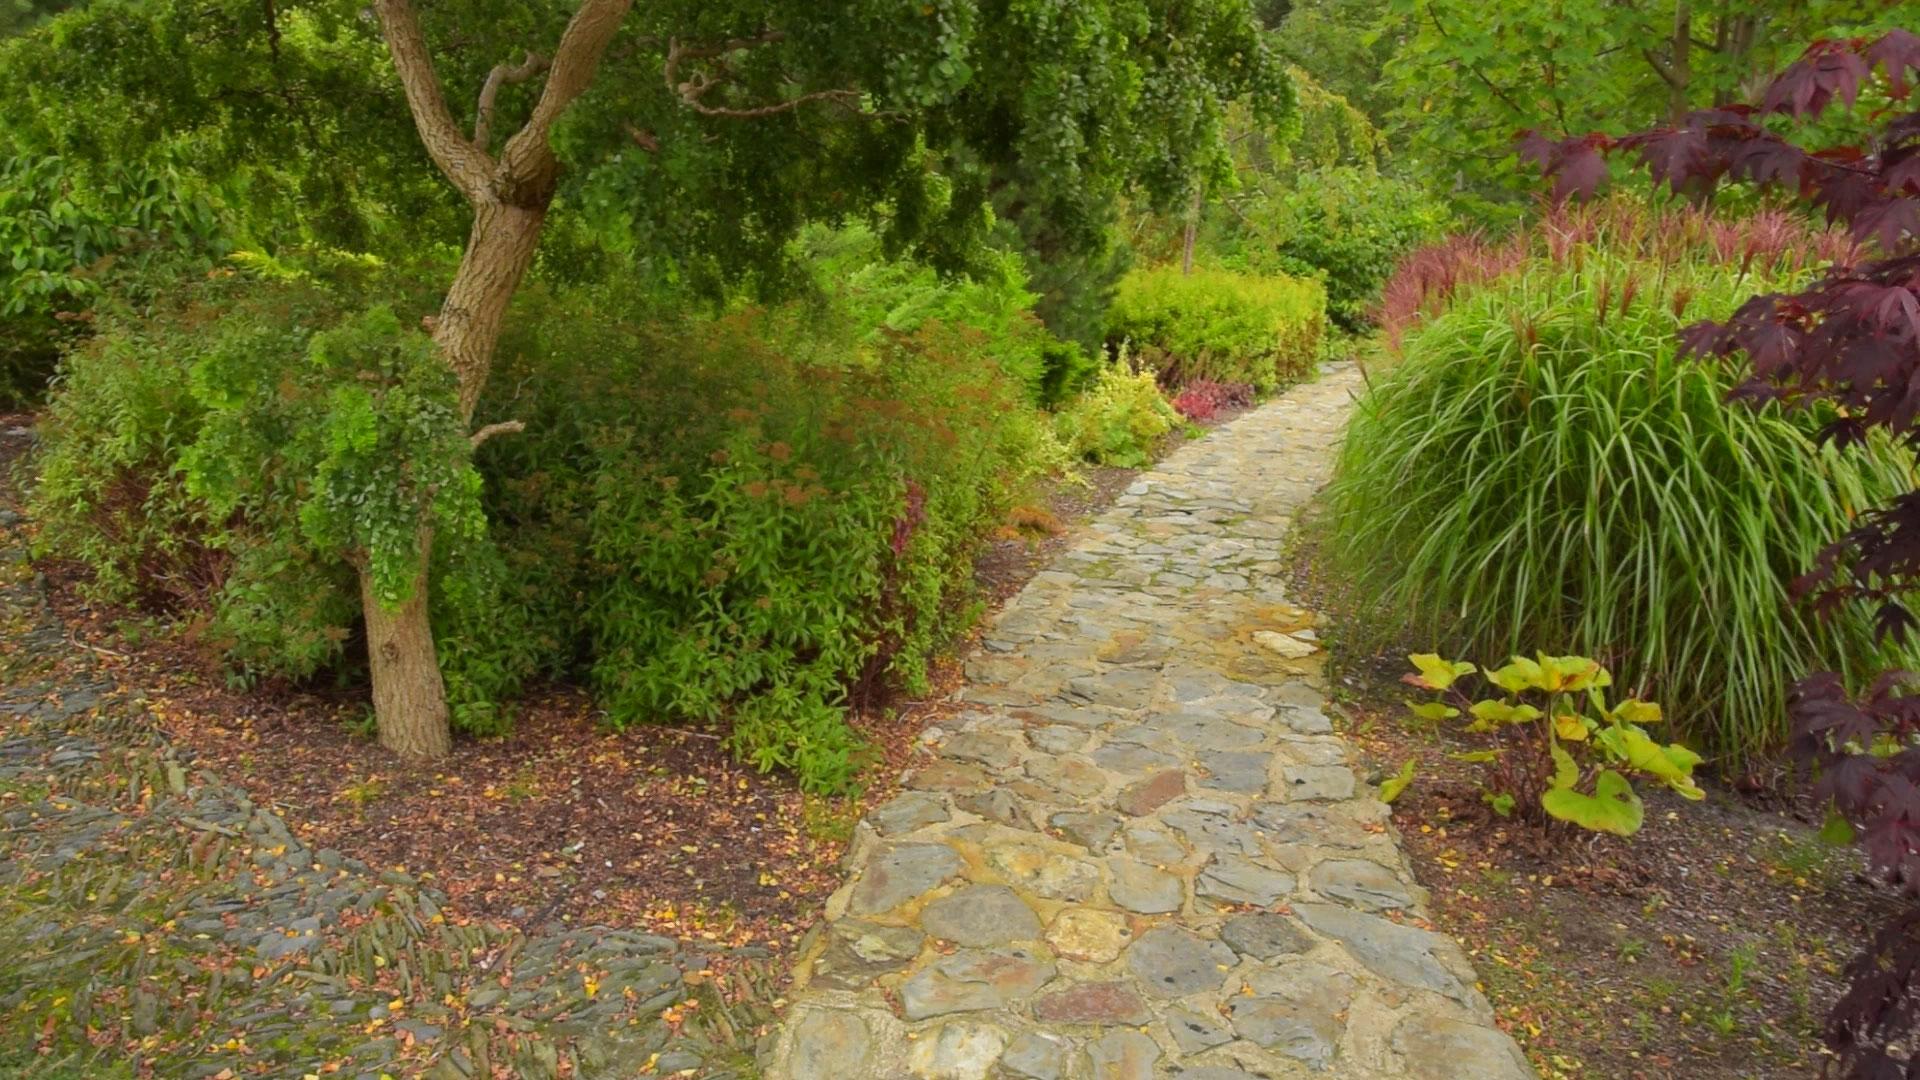 Landscape path